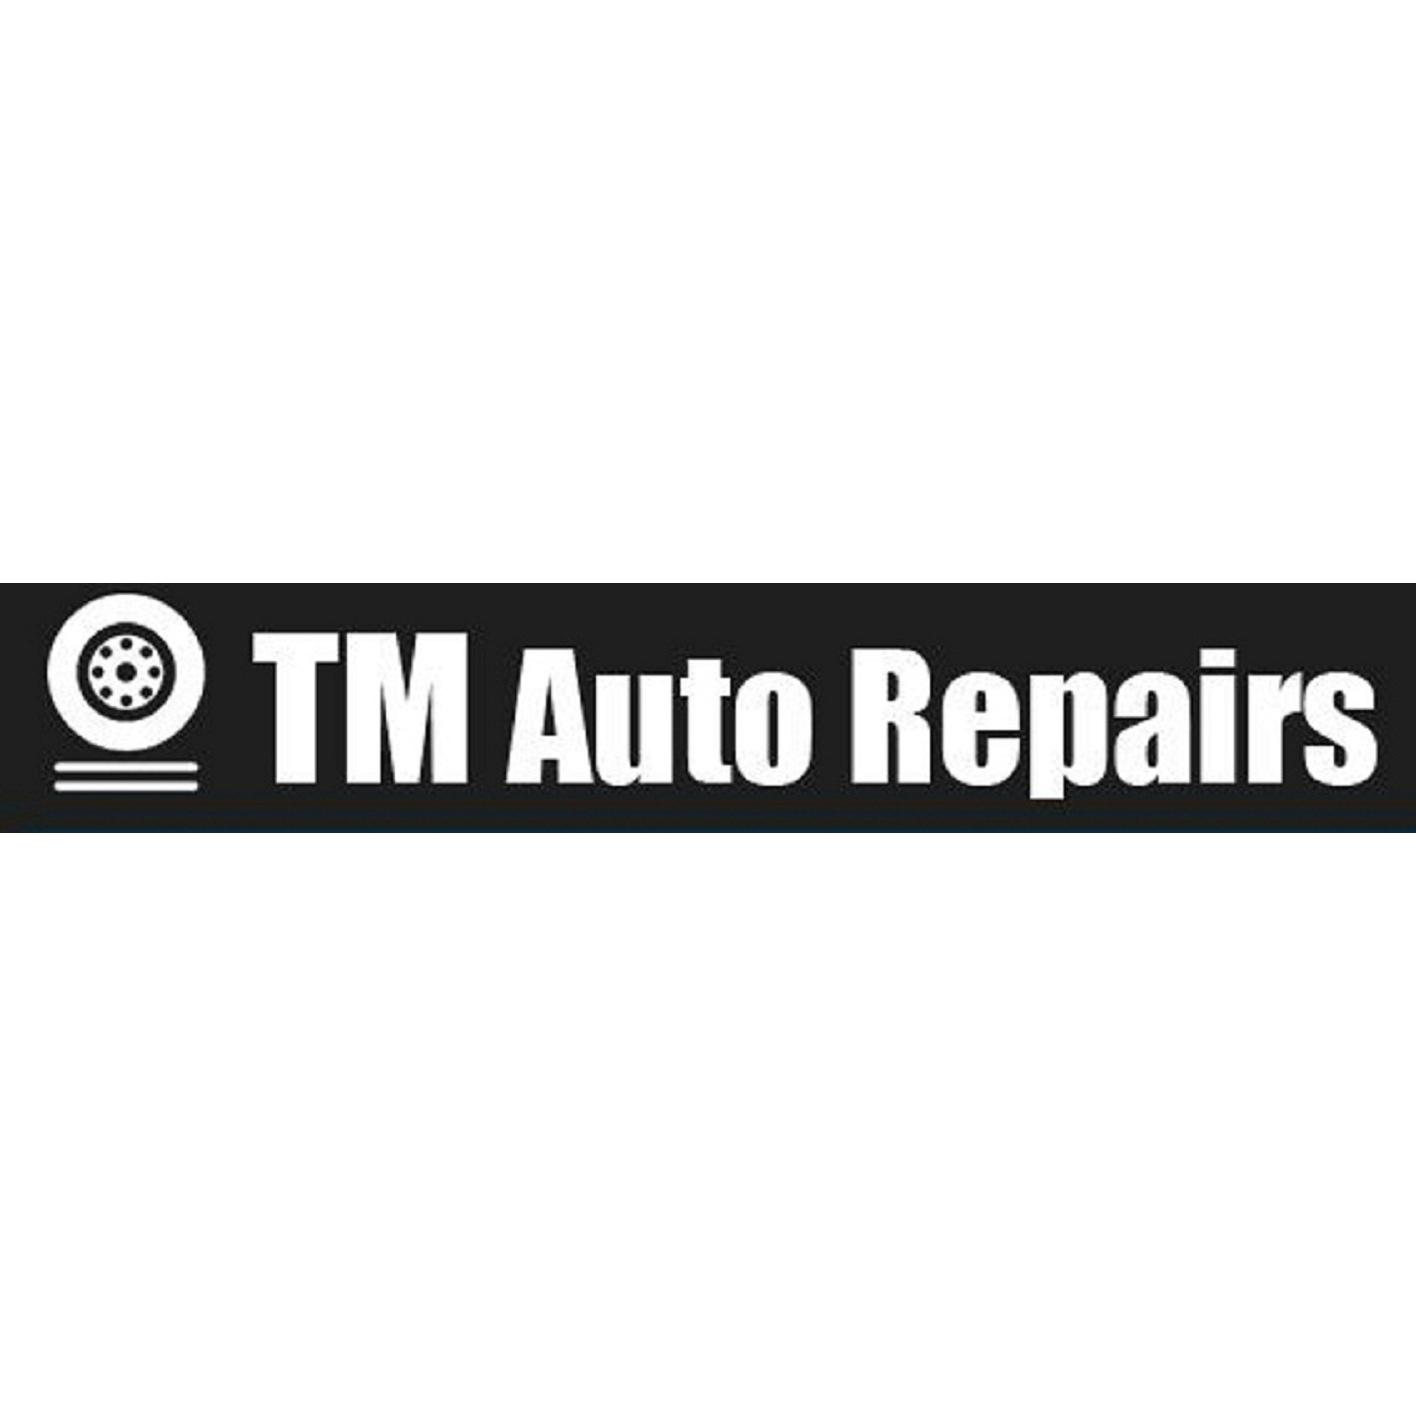 TM Auto Repair